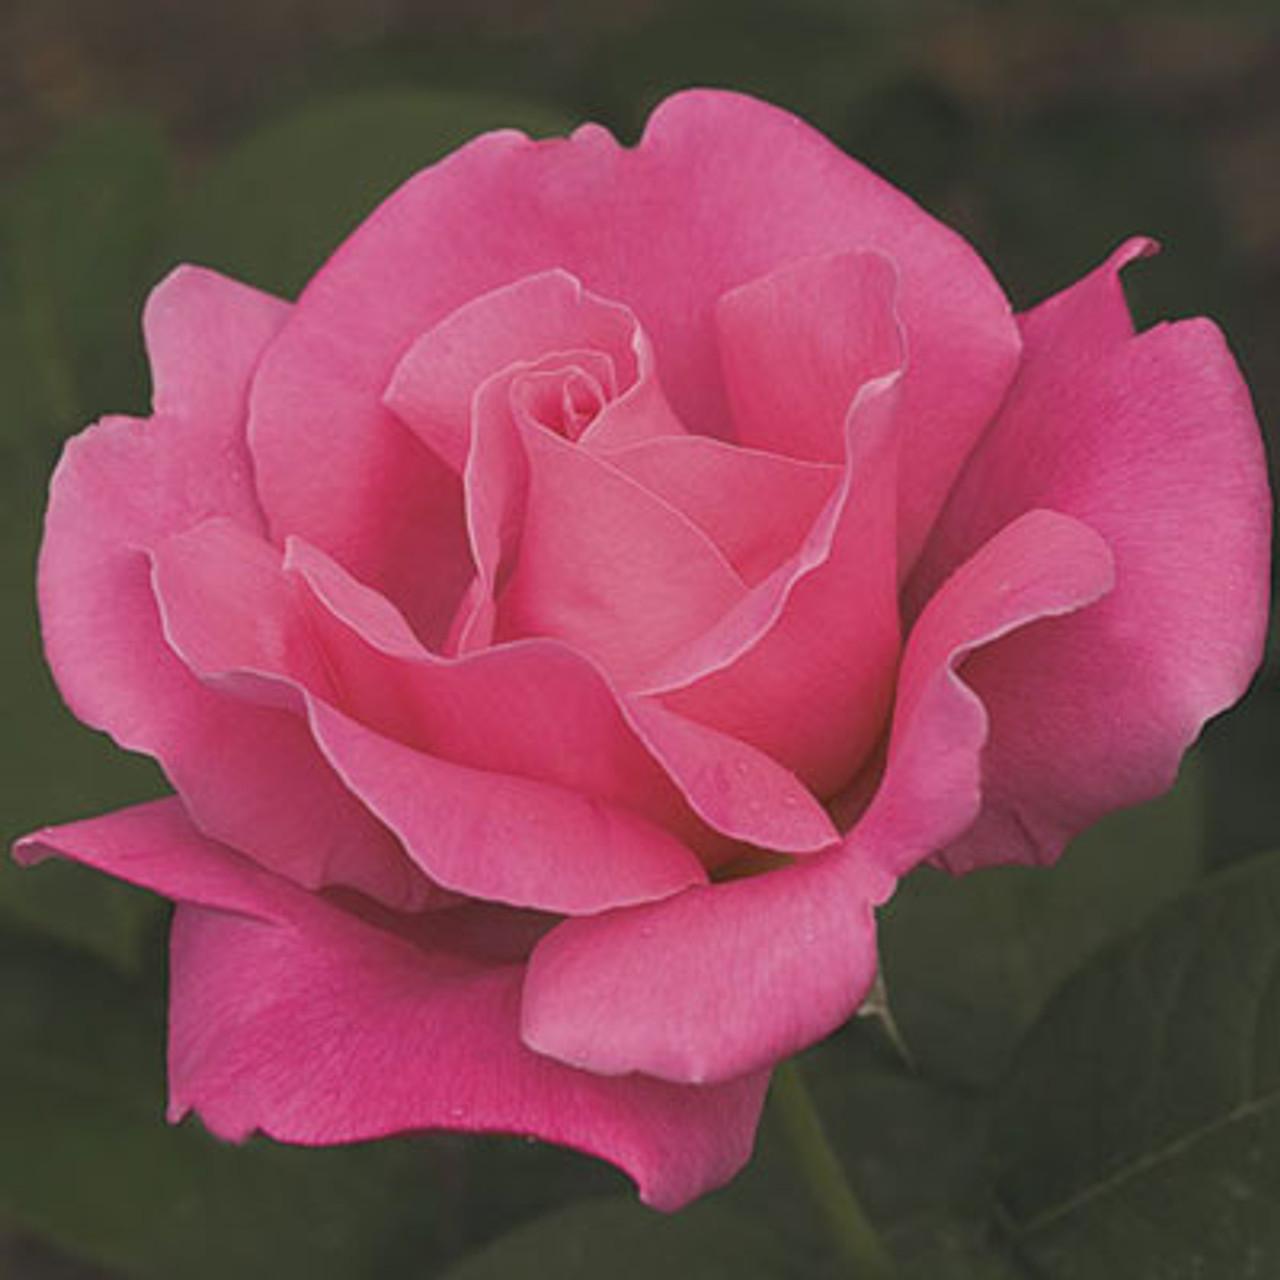 rose perfume delight weeks